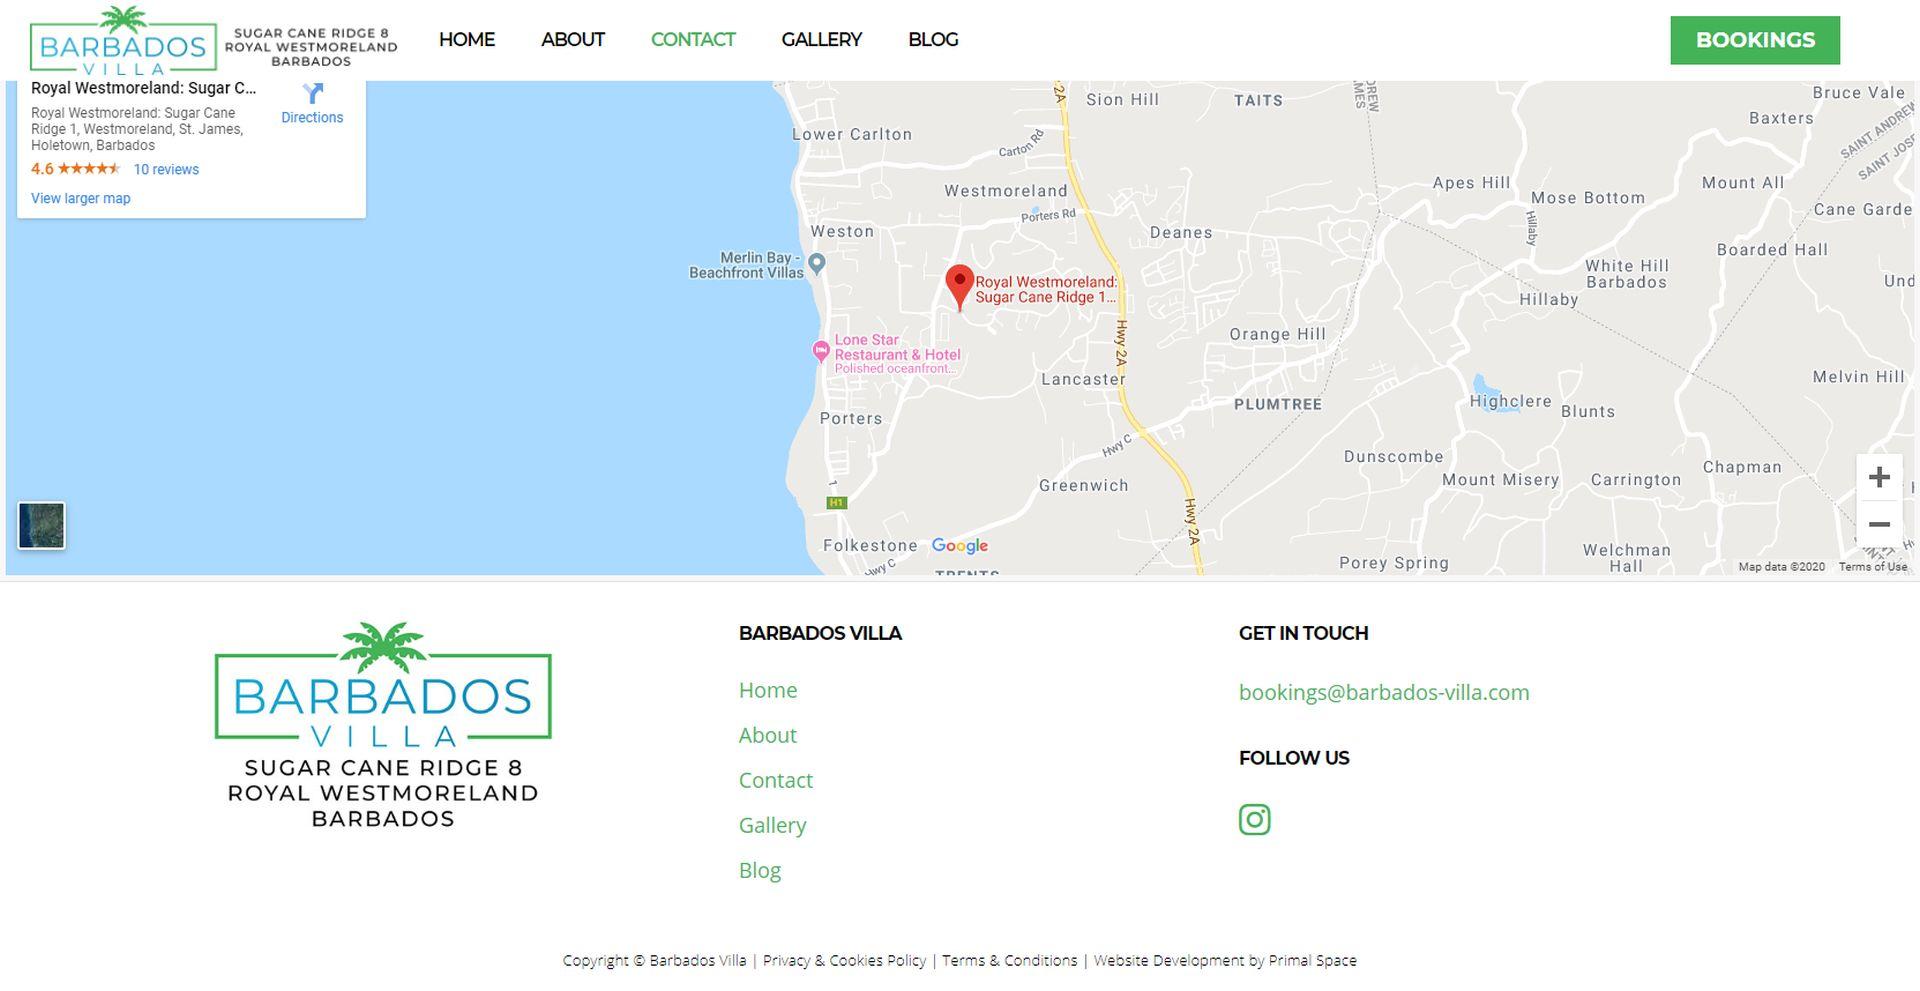 Barbados Villa Website Design Map